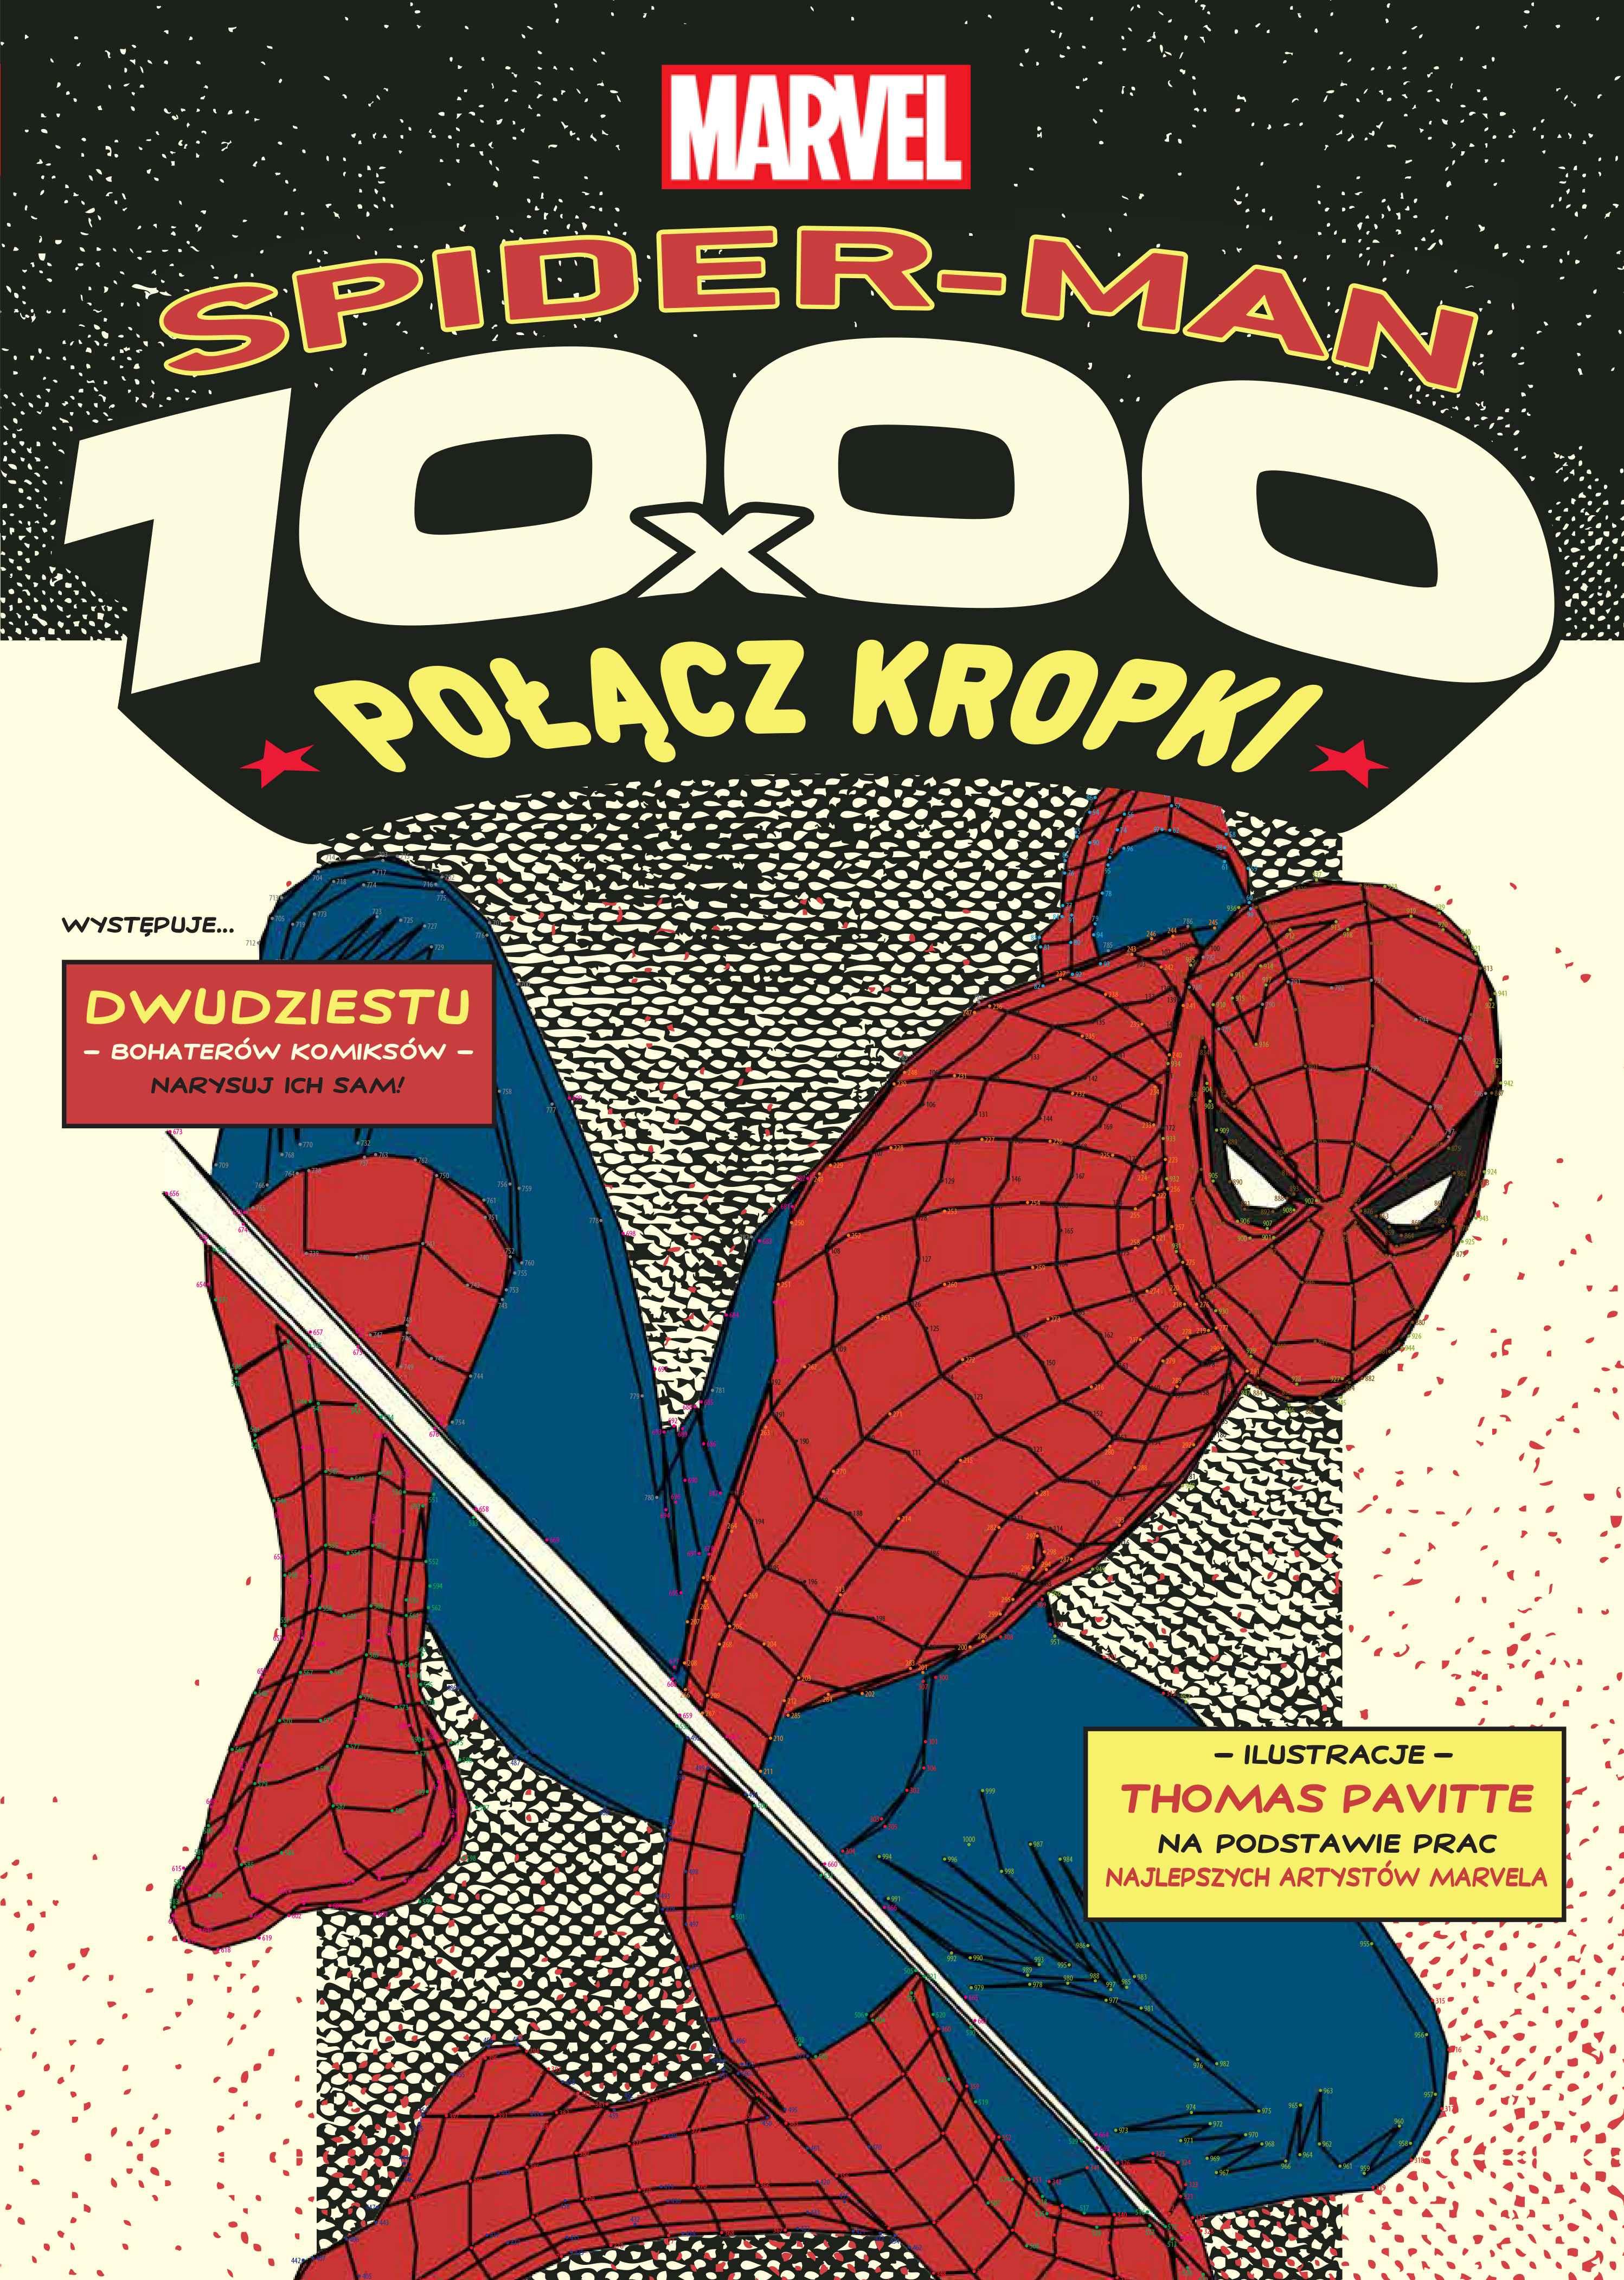 Spider-Man i Marvel z serii Połącz kropki